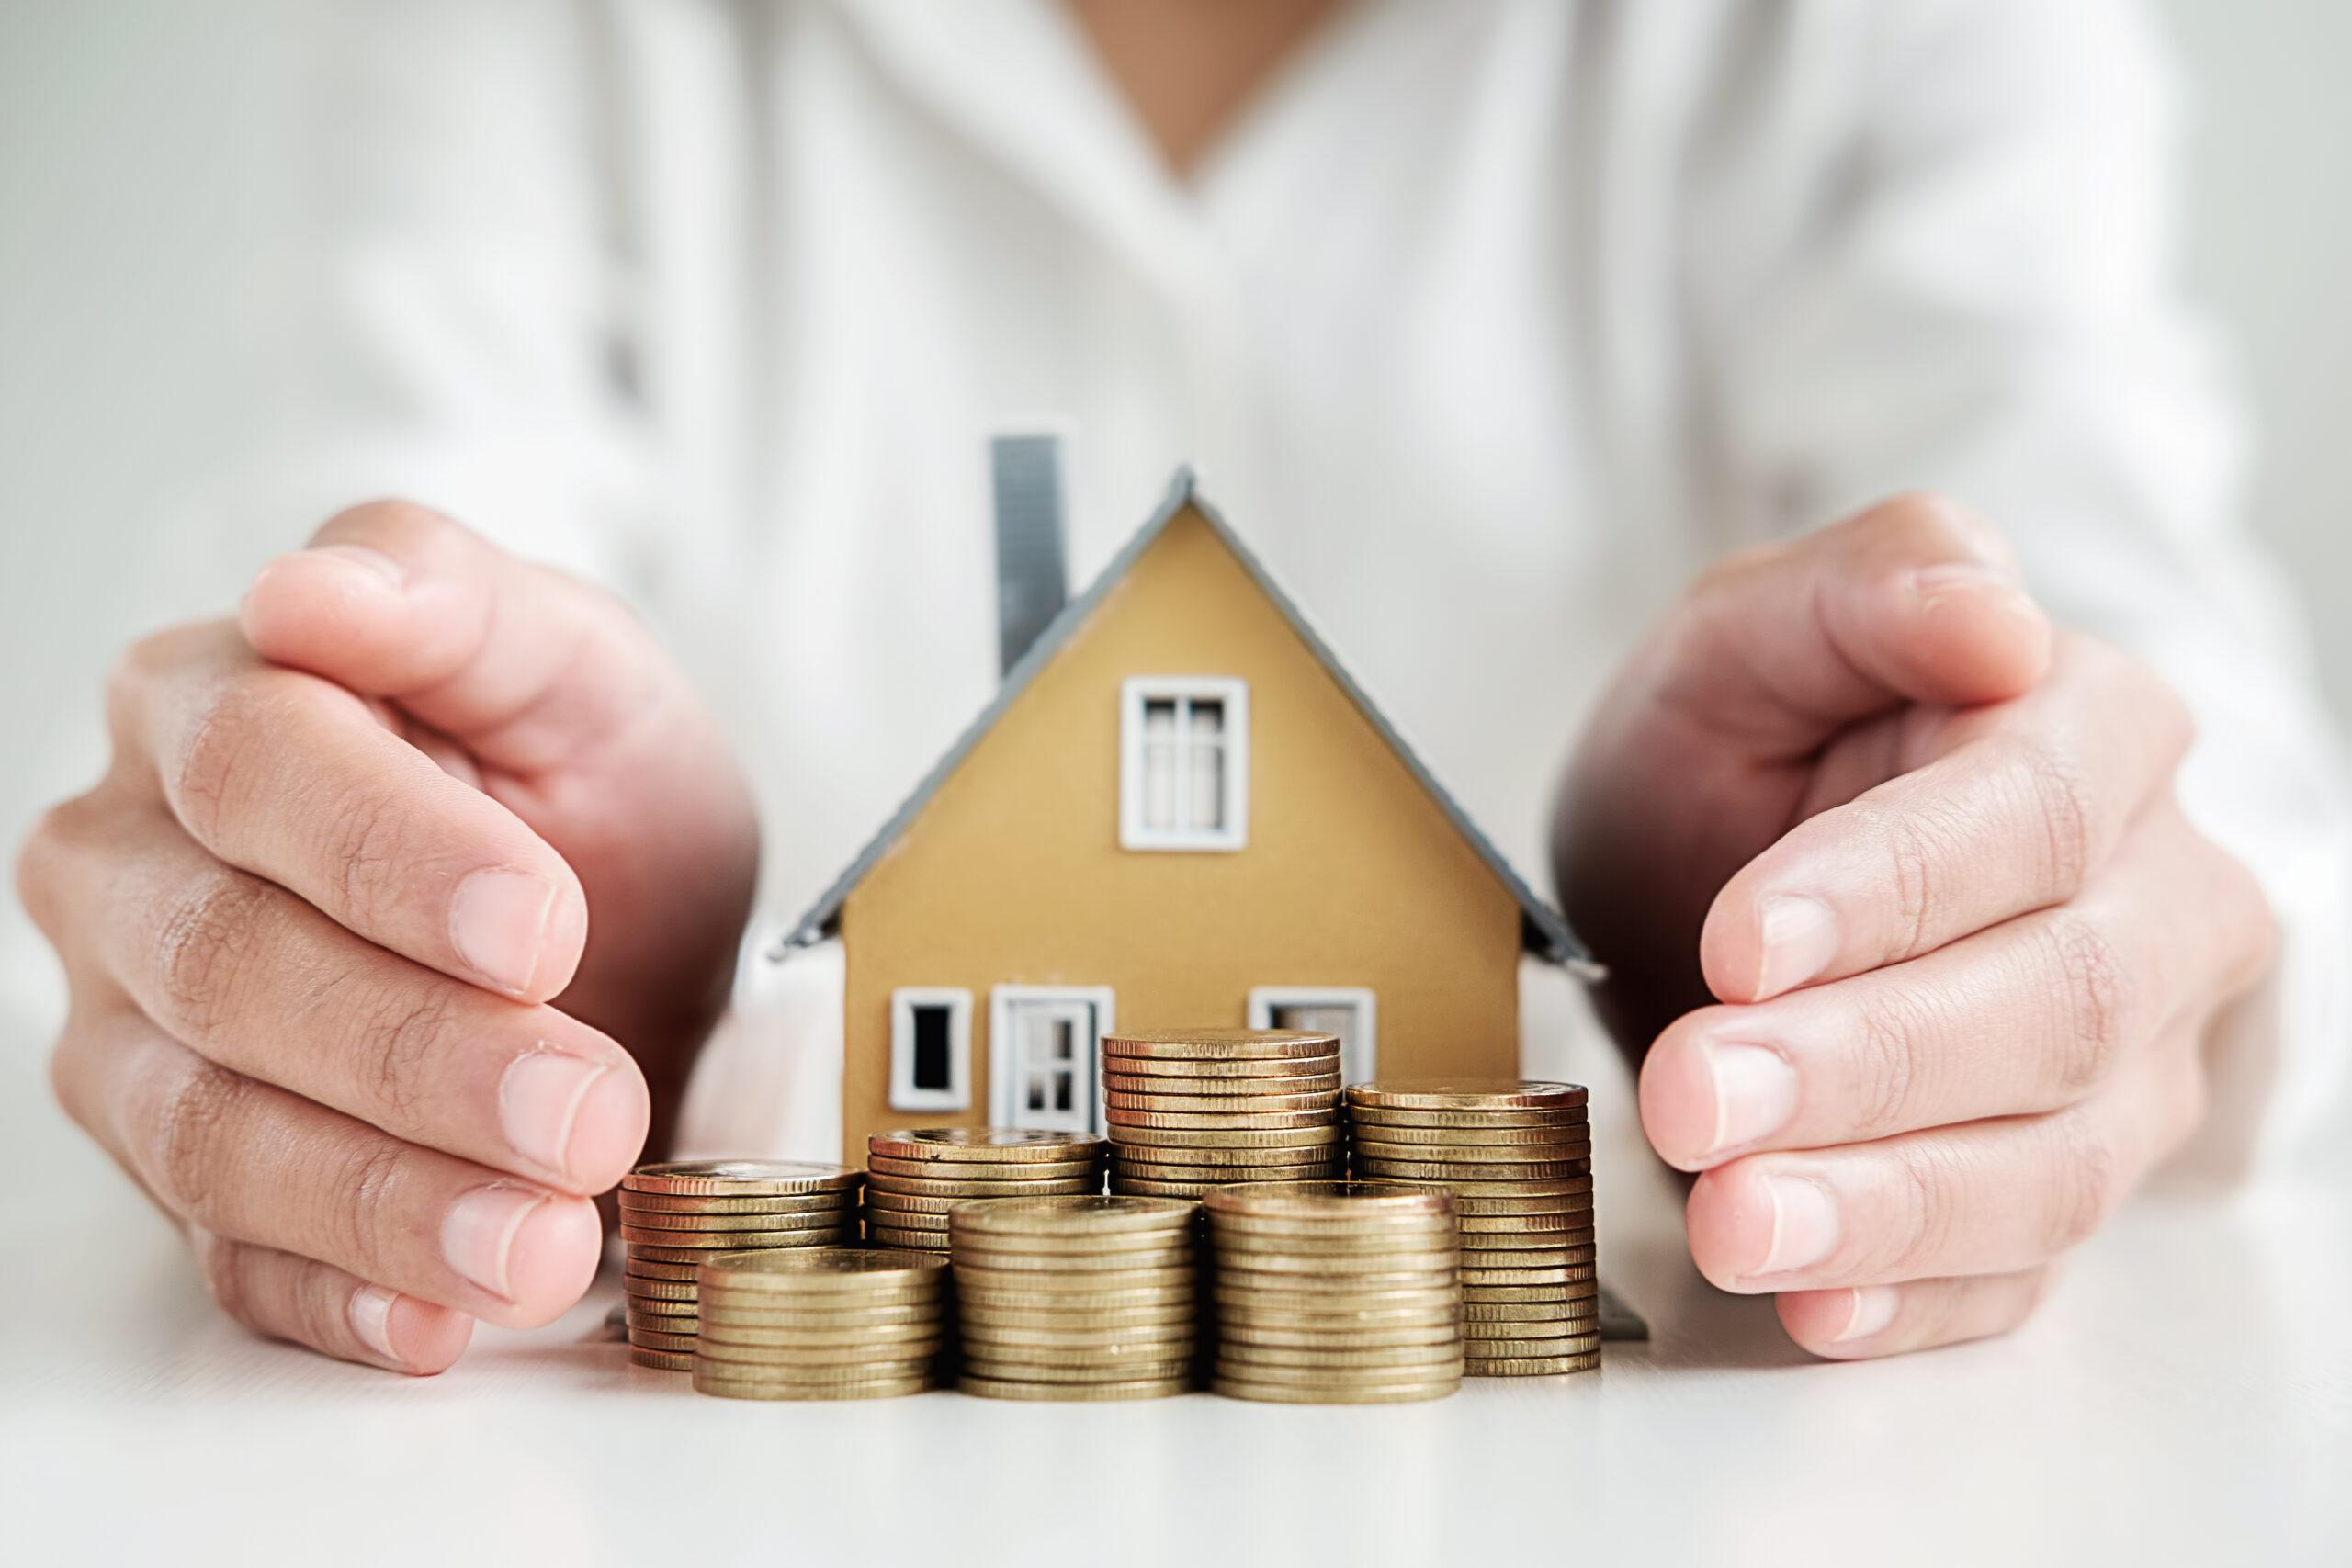 家賃の立て替えが増えても大丈夫?安心な保証会社を選ぶ3つのポイント